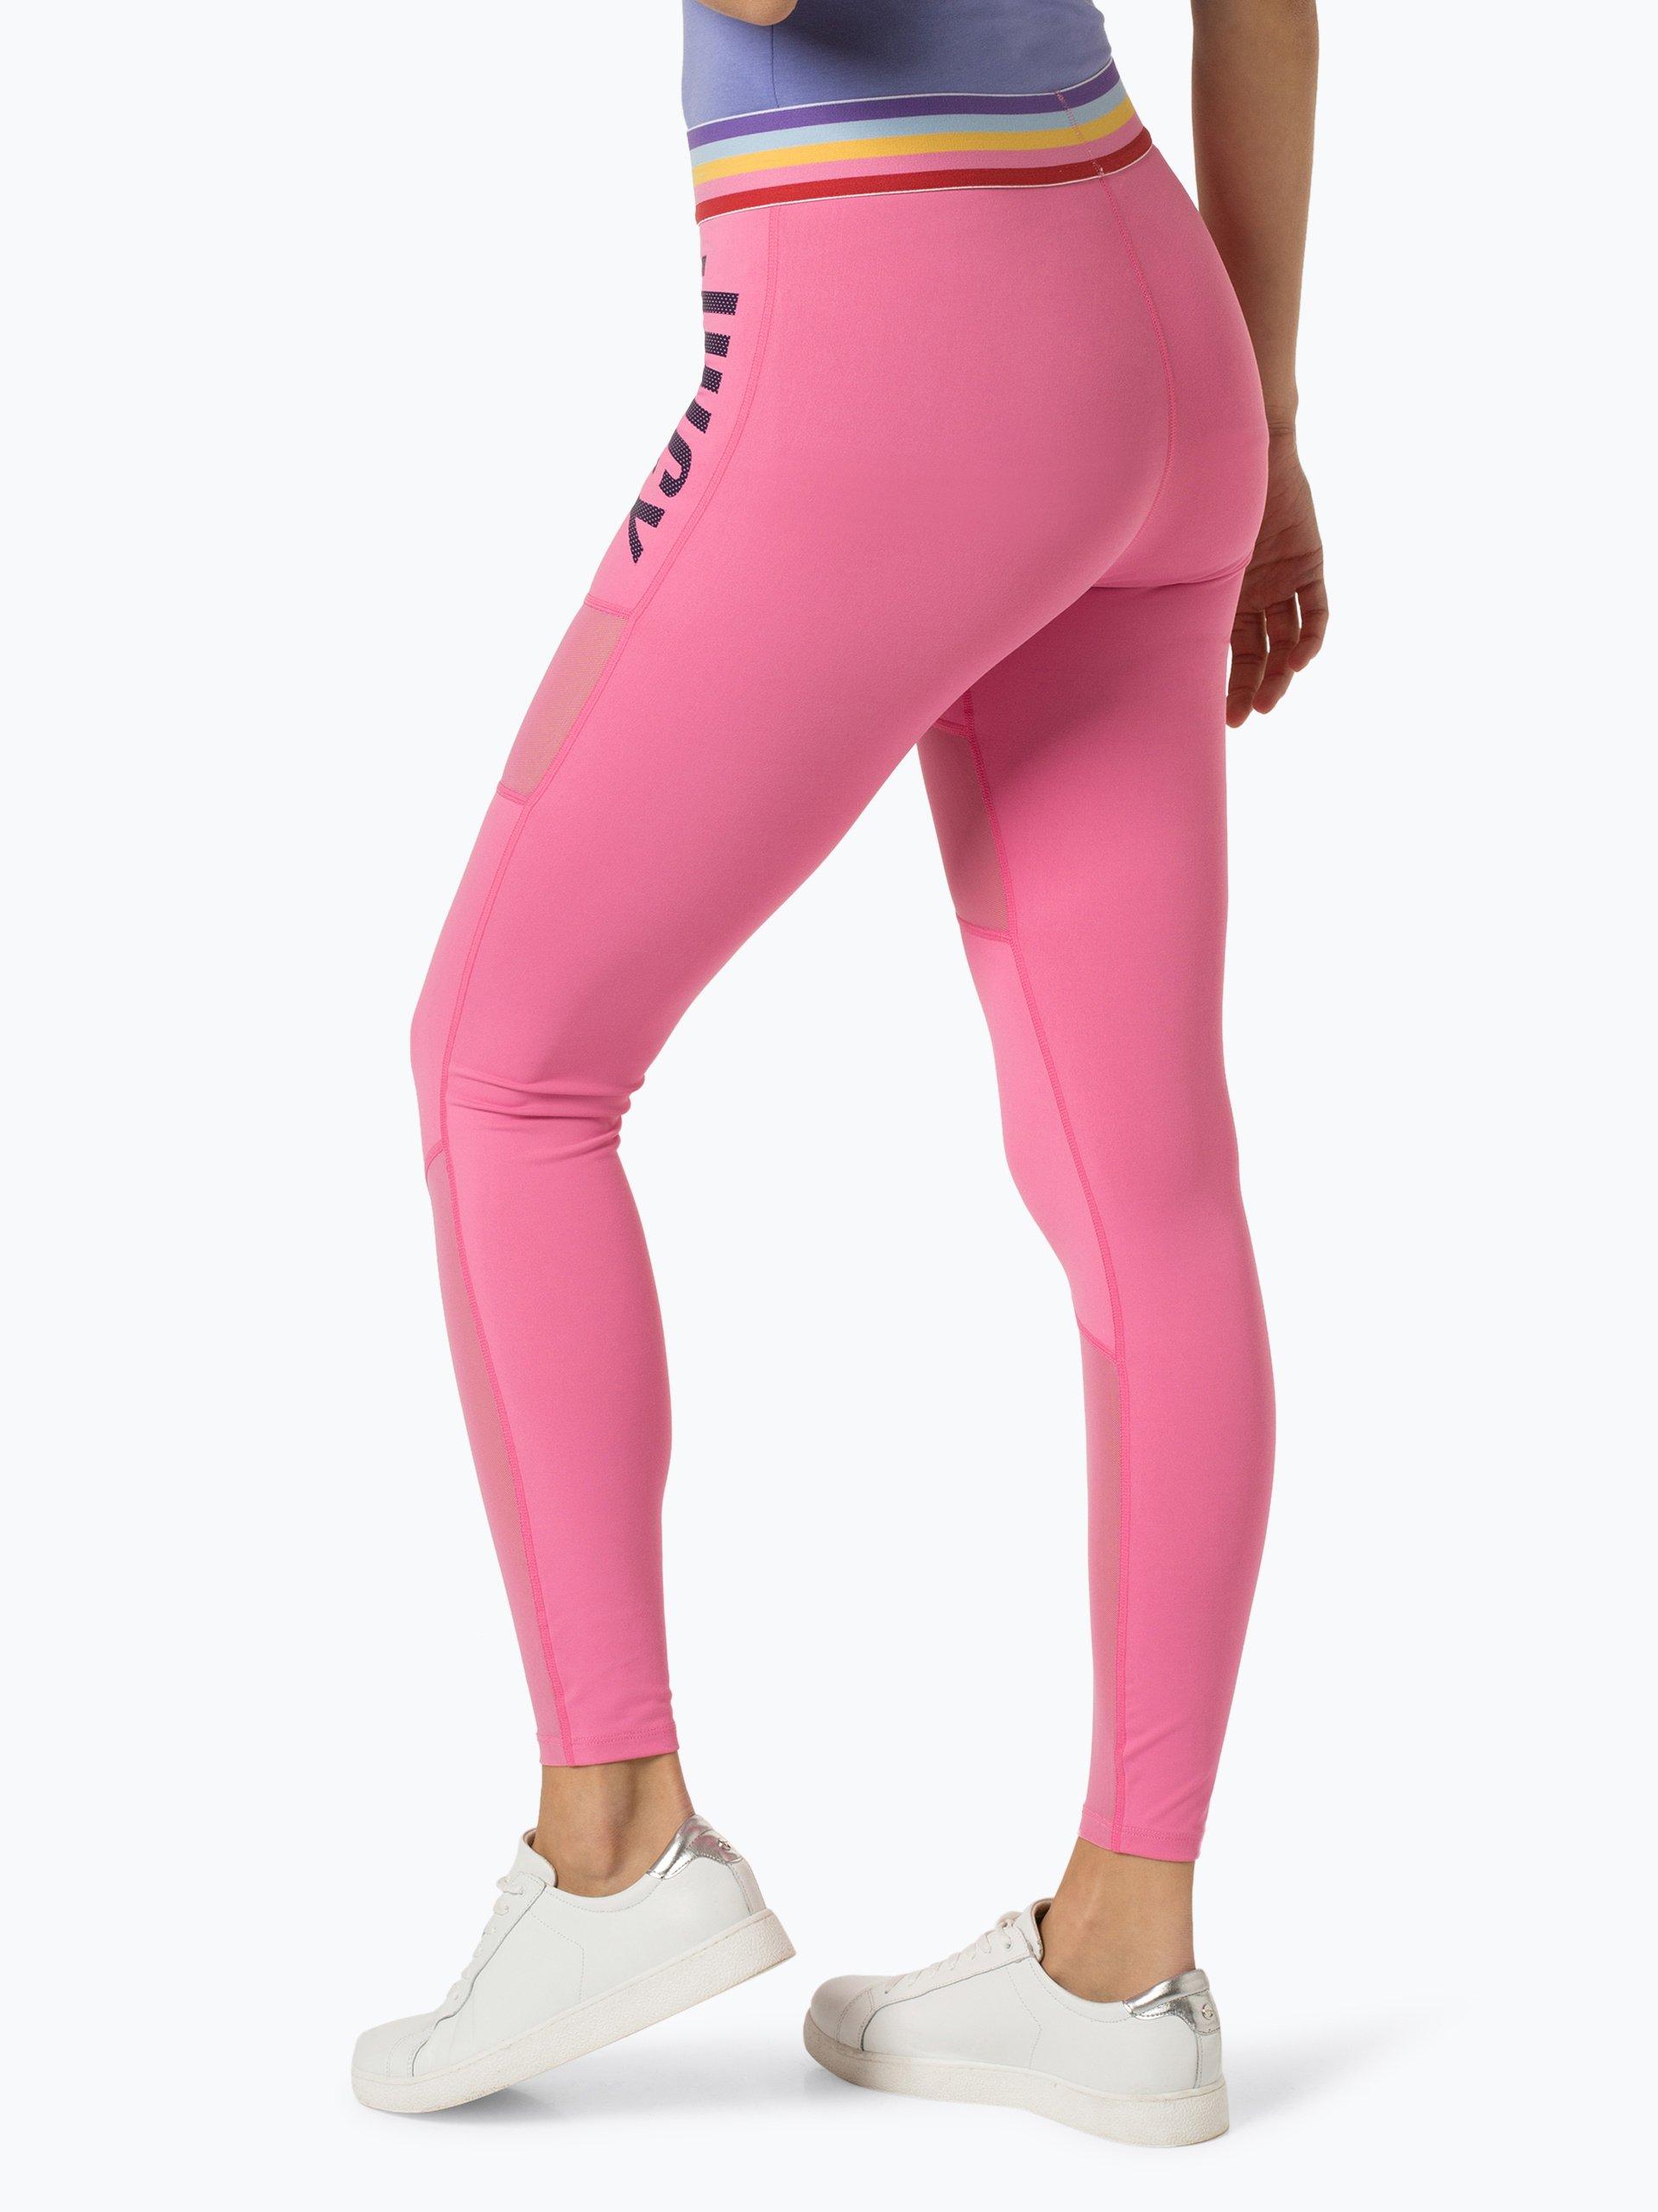 Juicy by Juicy Couture Damen Sportswear Leggings